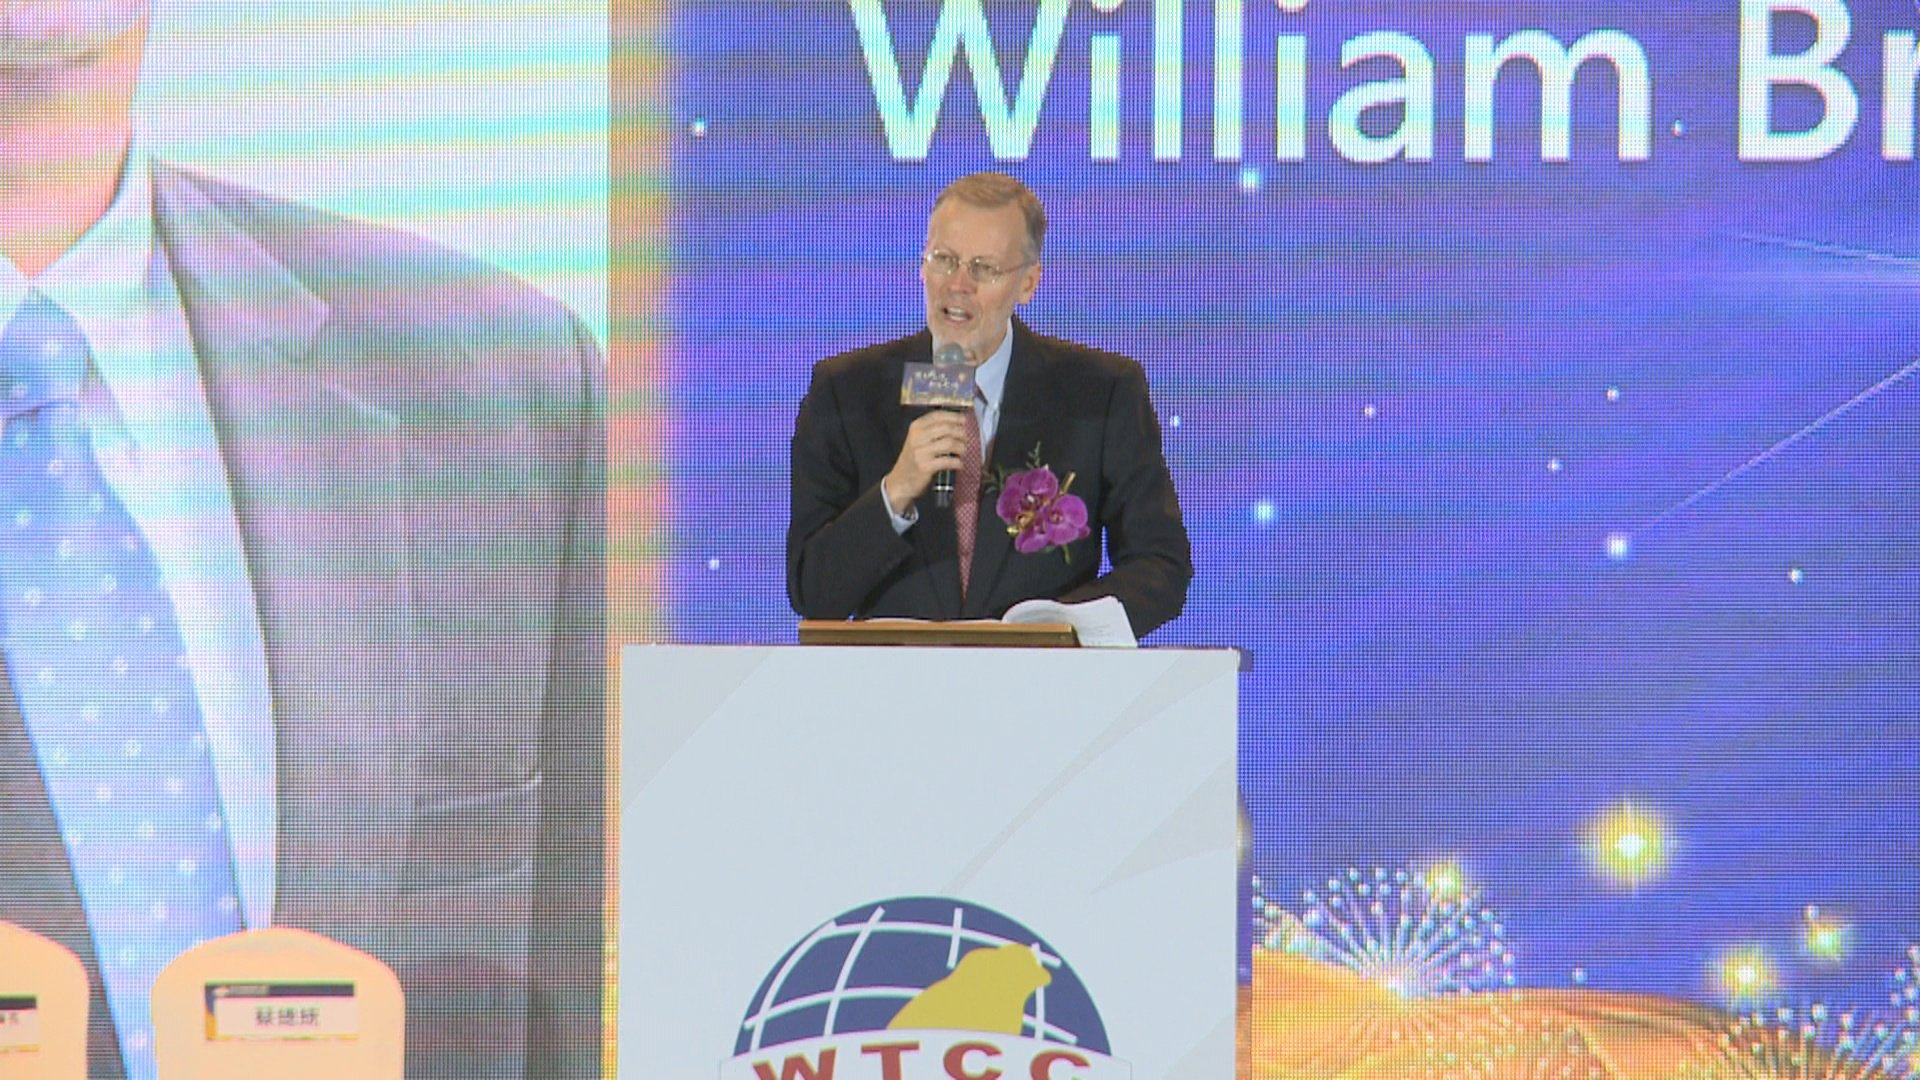 美國在台協會(AIT)處長酈英傑2020年9月29日出席「世界台灣商會聯合總會26屆年會」致詞。(新唐人亞太電視台提供)